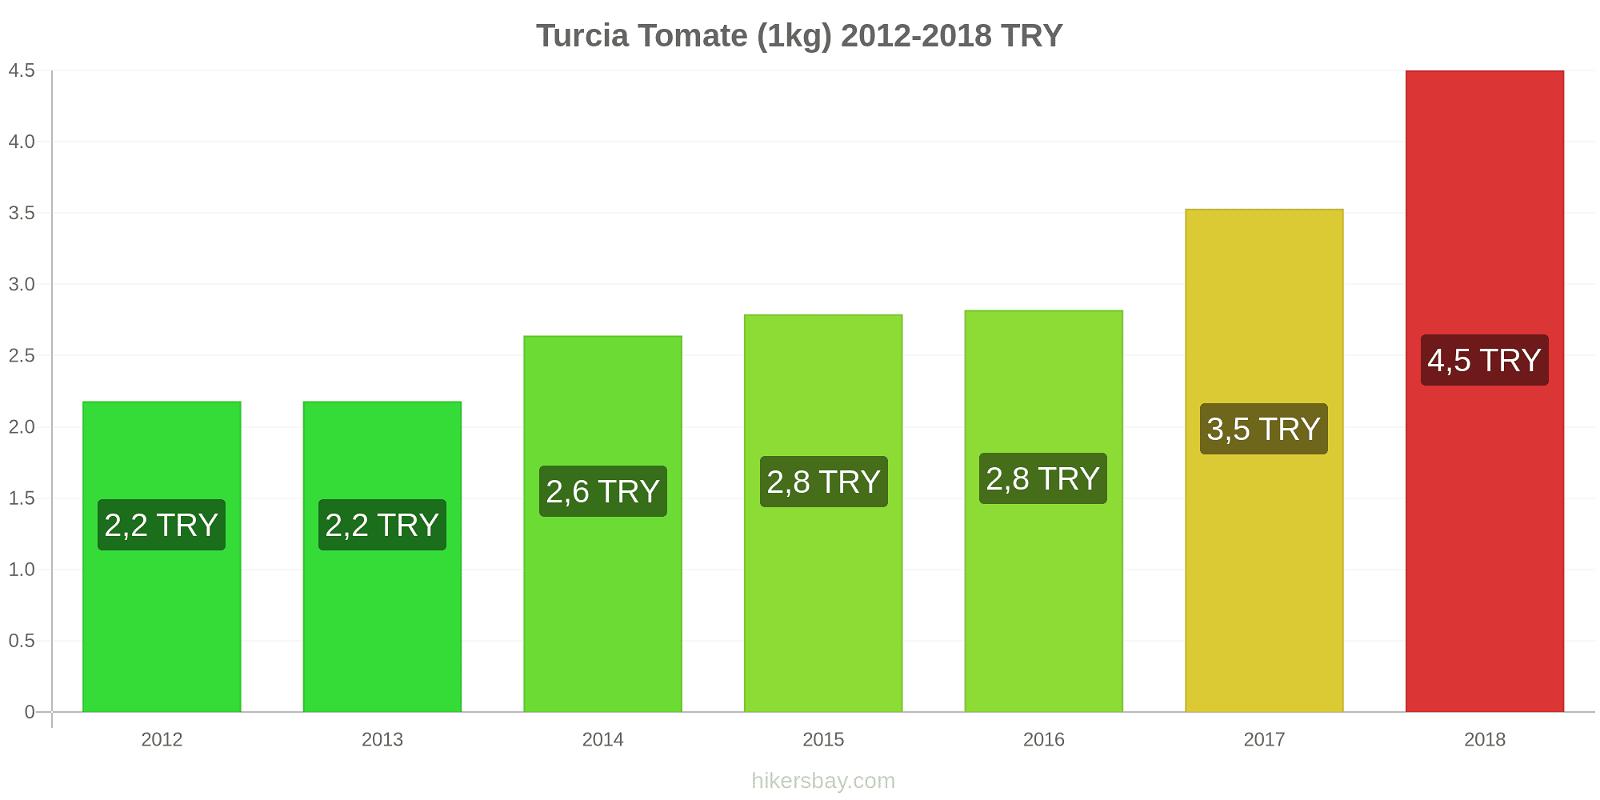 Turcia modificări de preț Tomate (1kg) hikersbay.com